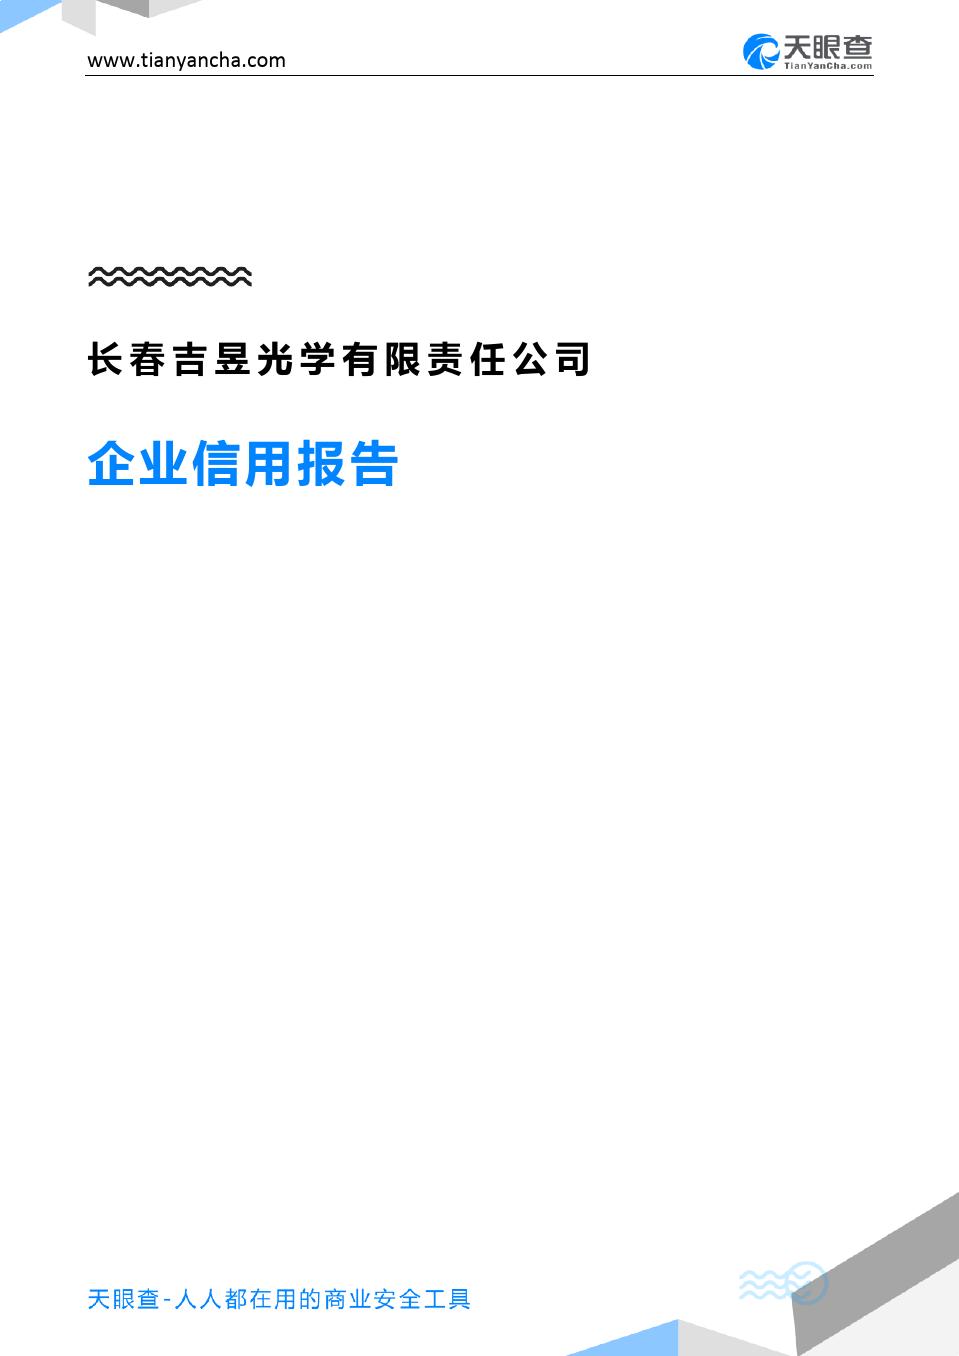 长春吉昱光学有限责任公司(企业信用报告)- 天眼查